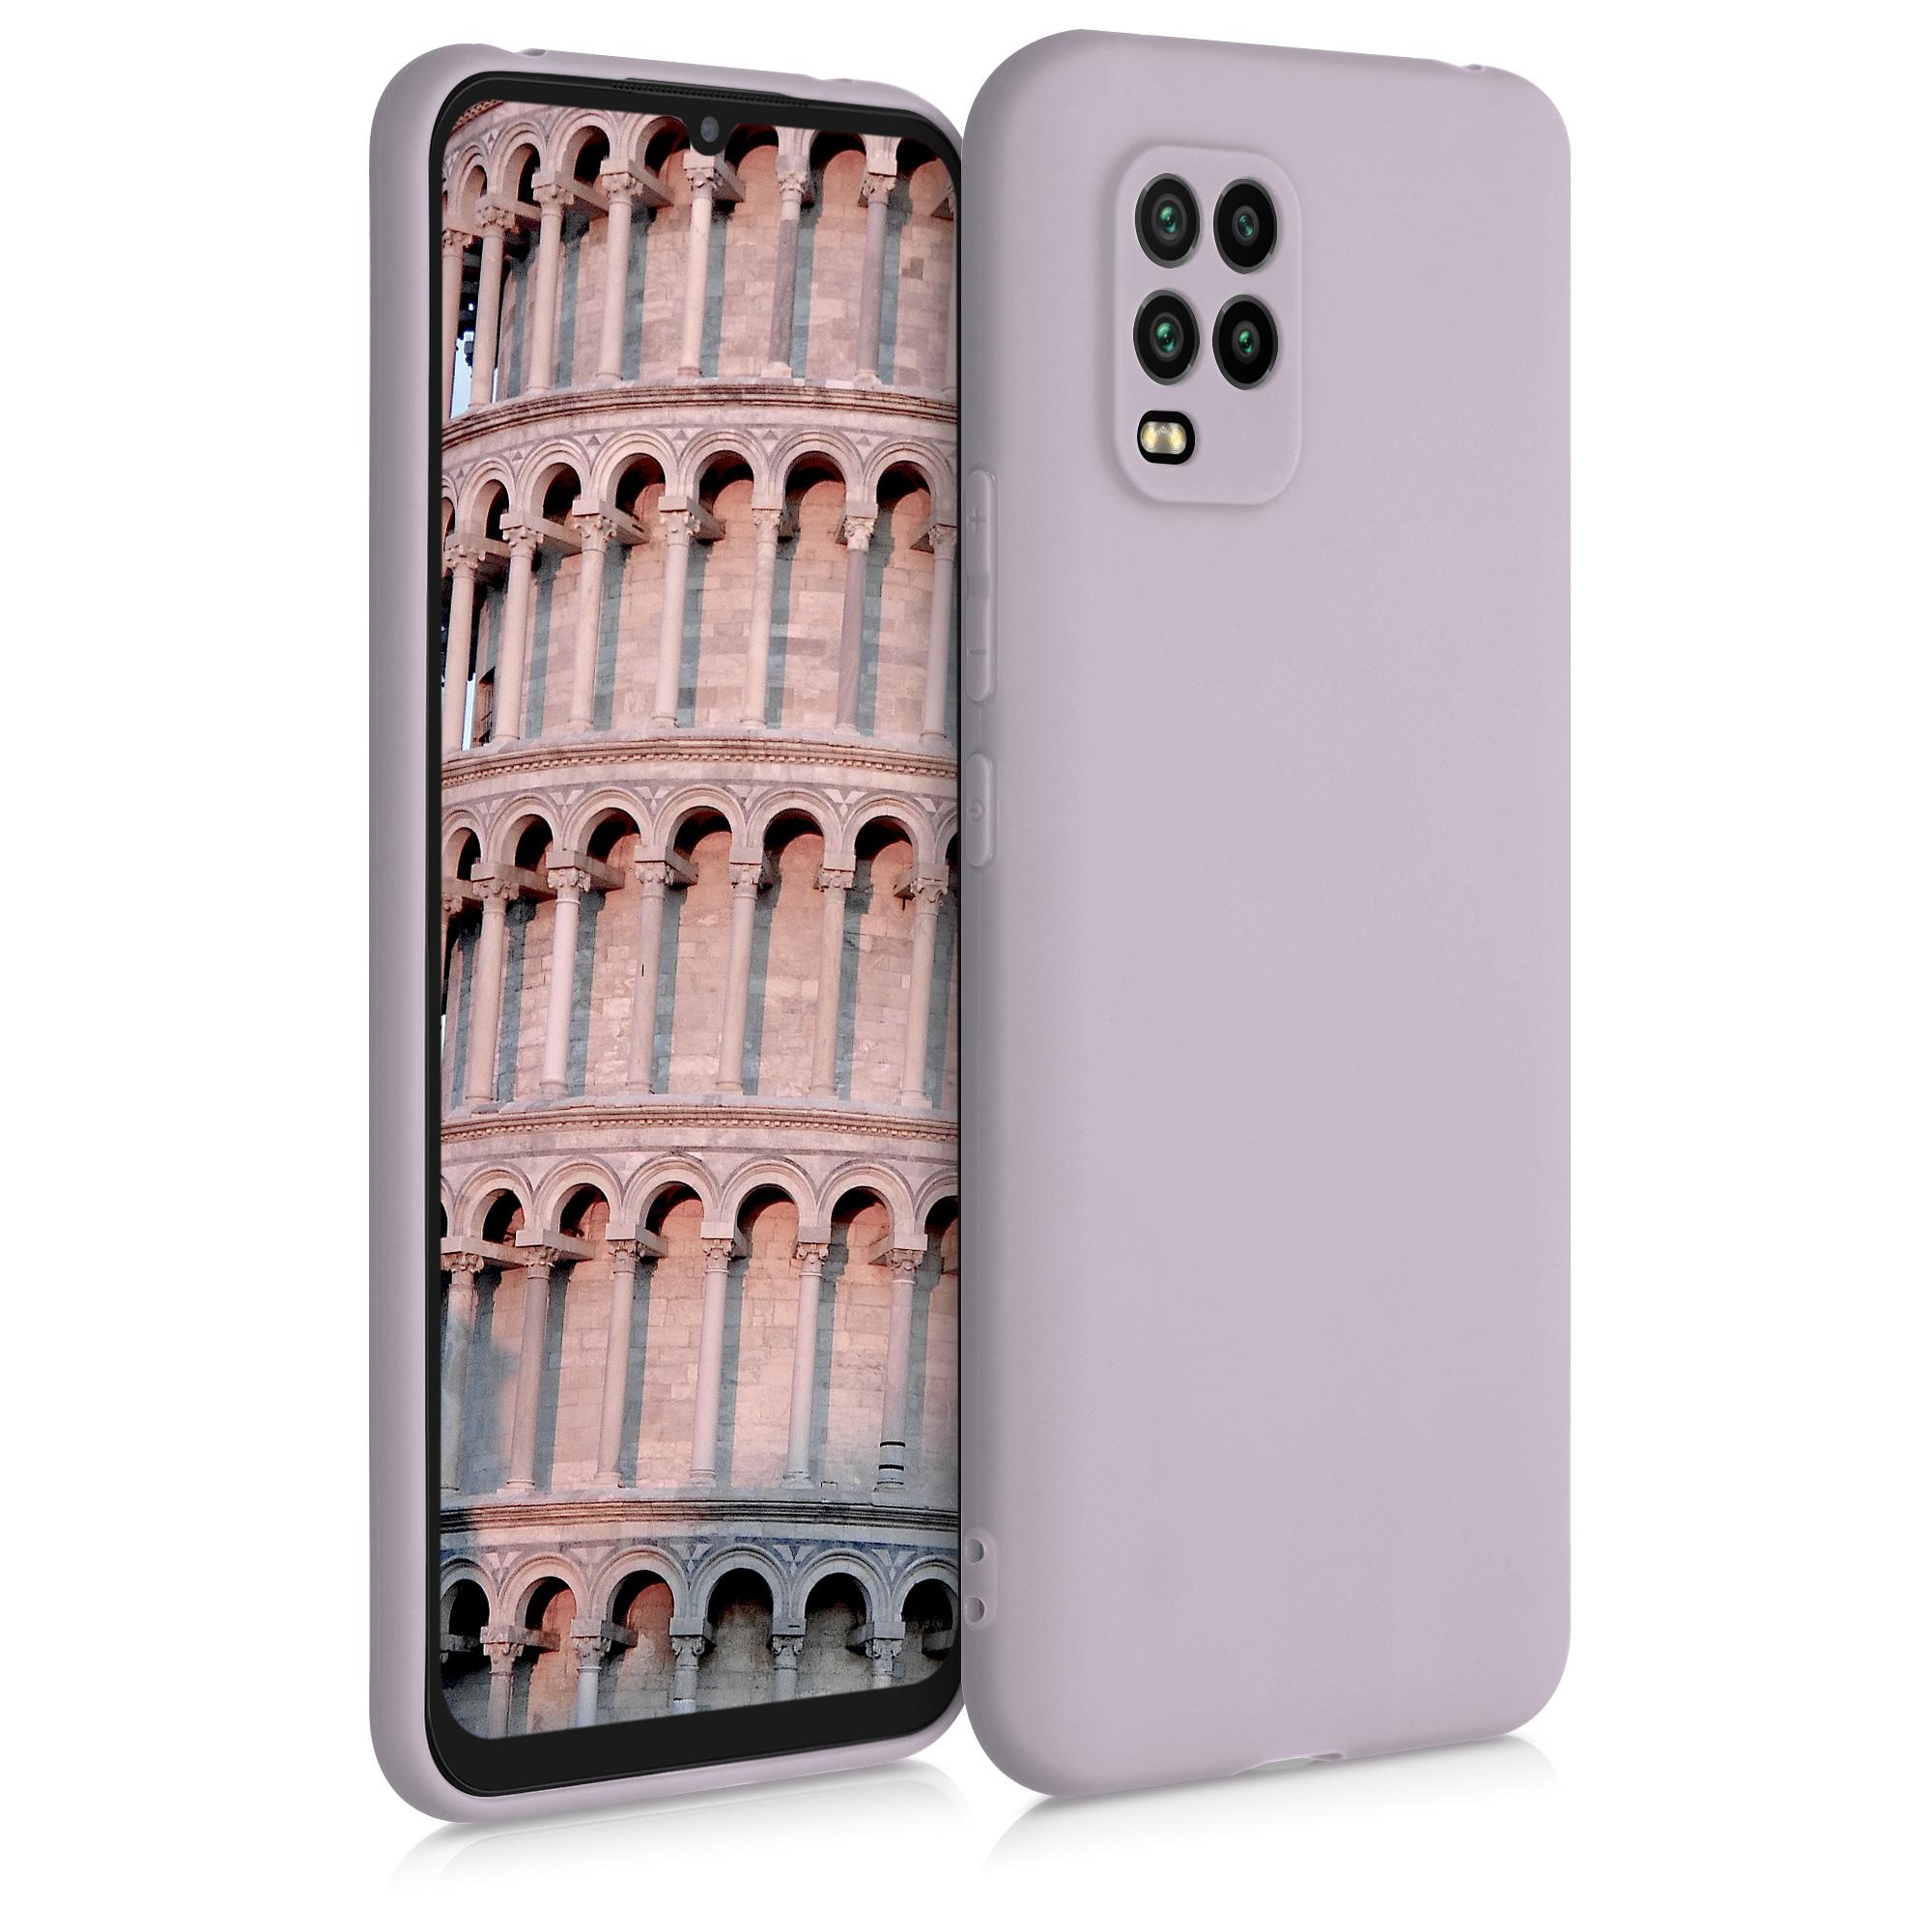 Světle fialové silikonové pouzdro / obal pro Xiaomi Mi 10 Lite